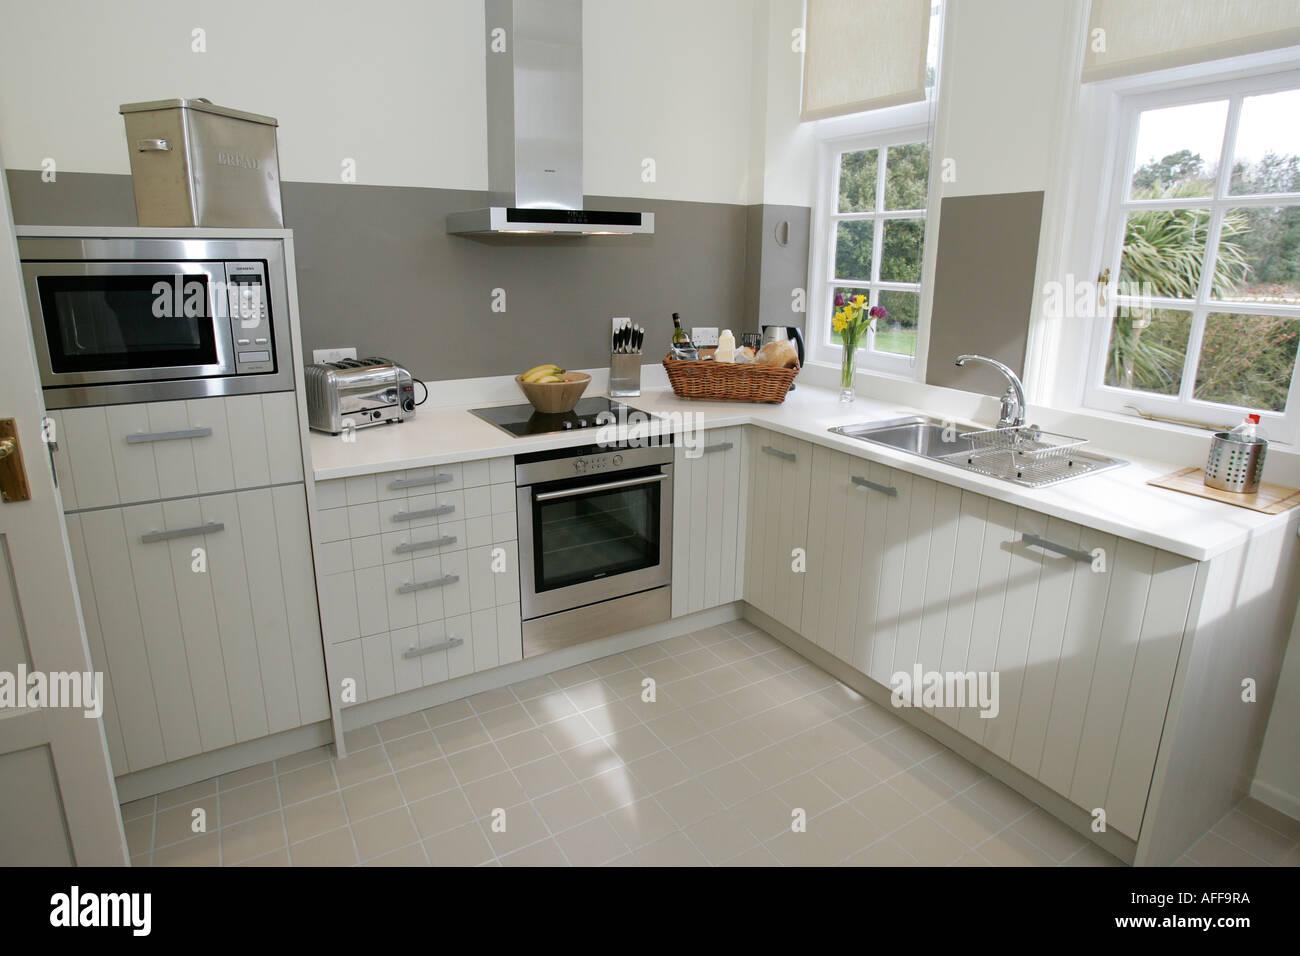 Ziemlich Shaker Stil Küchen Uk Zeitgenössisch - Ideen Für Die Küche ...